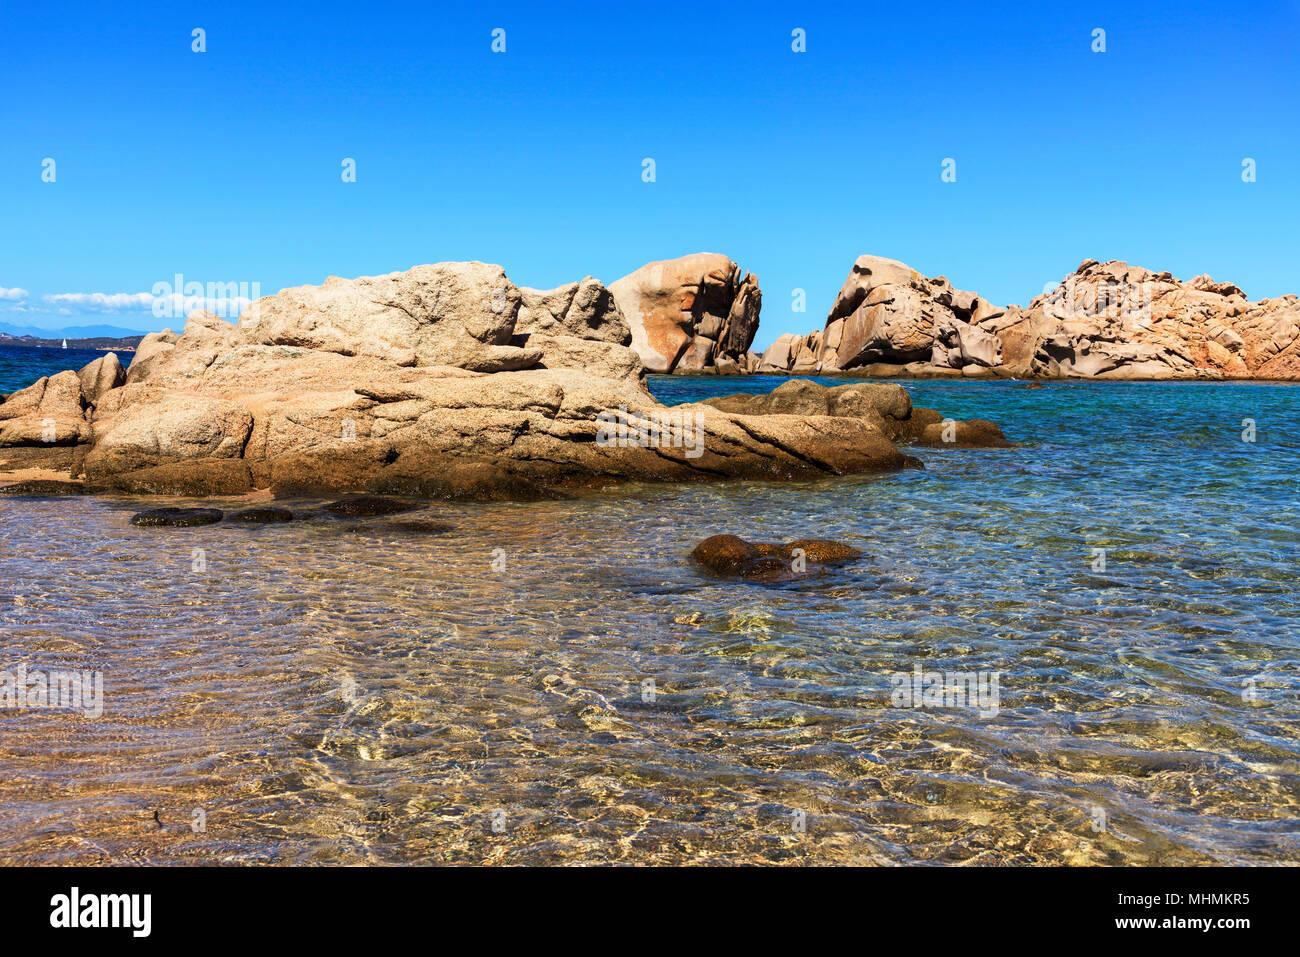 Una vista delle acque limpide del mare Mediterraneo e un gruppo di formazioni rocciose in una tranquilla spiaggia della costa di Baja Sardinia, nella famosa Costa Immagini Stock